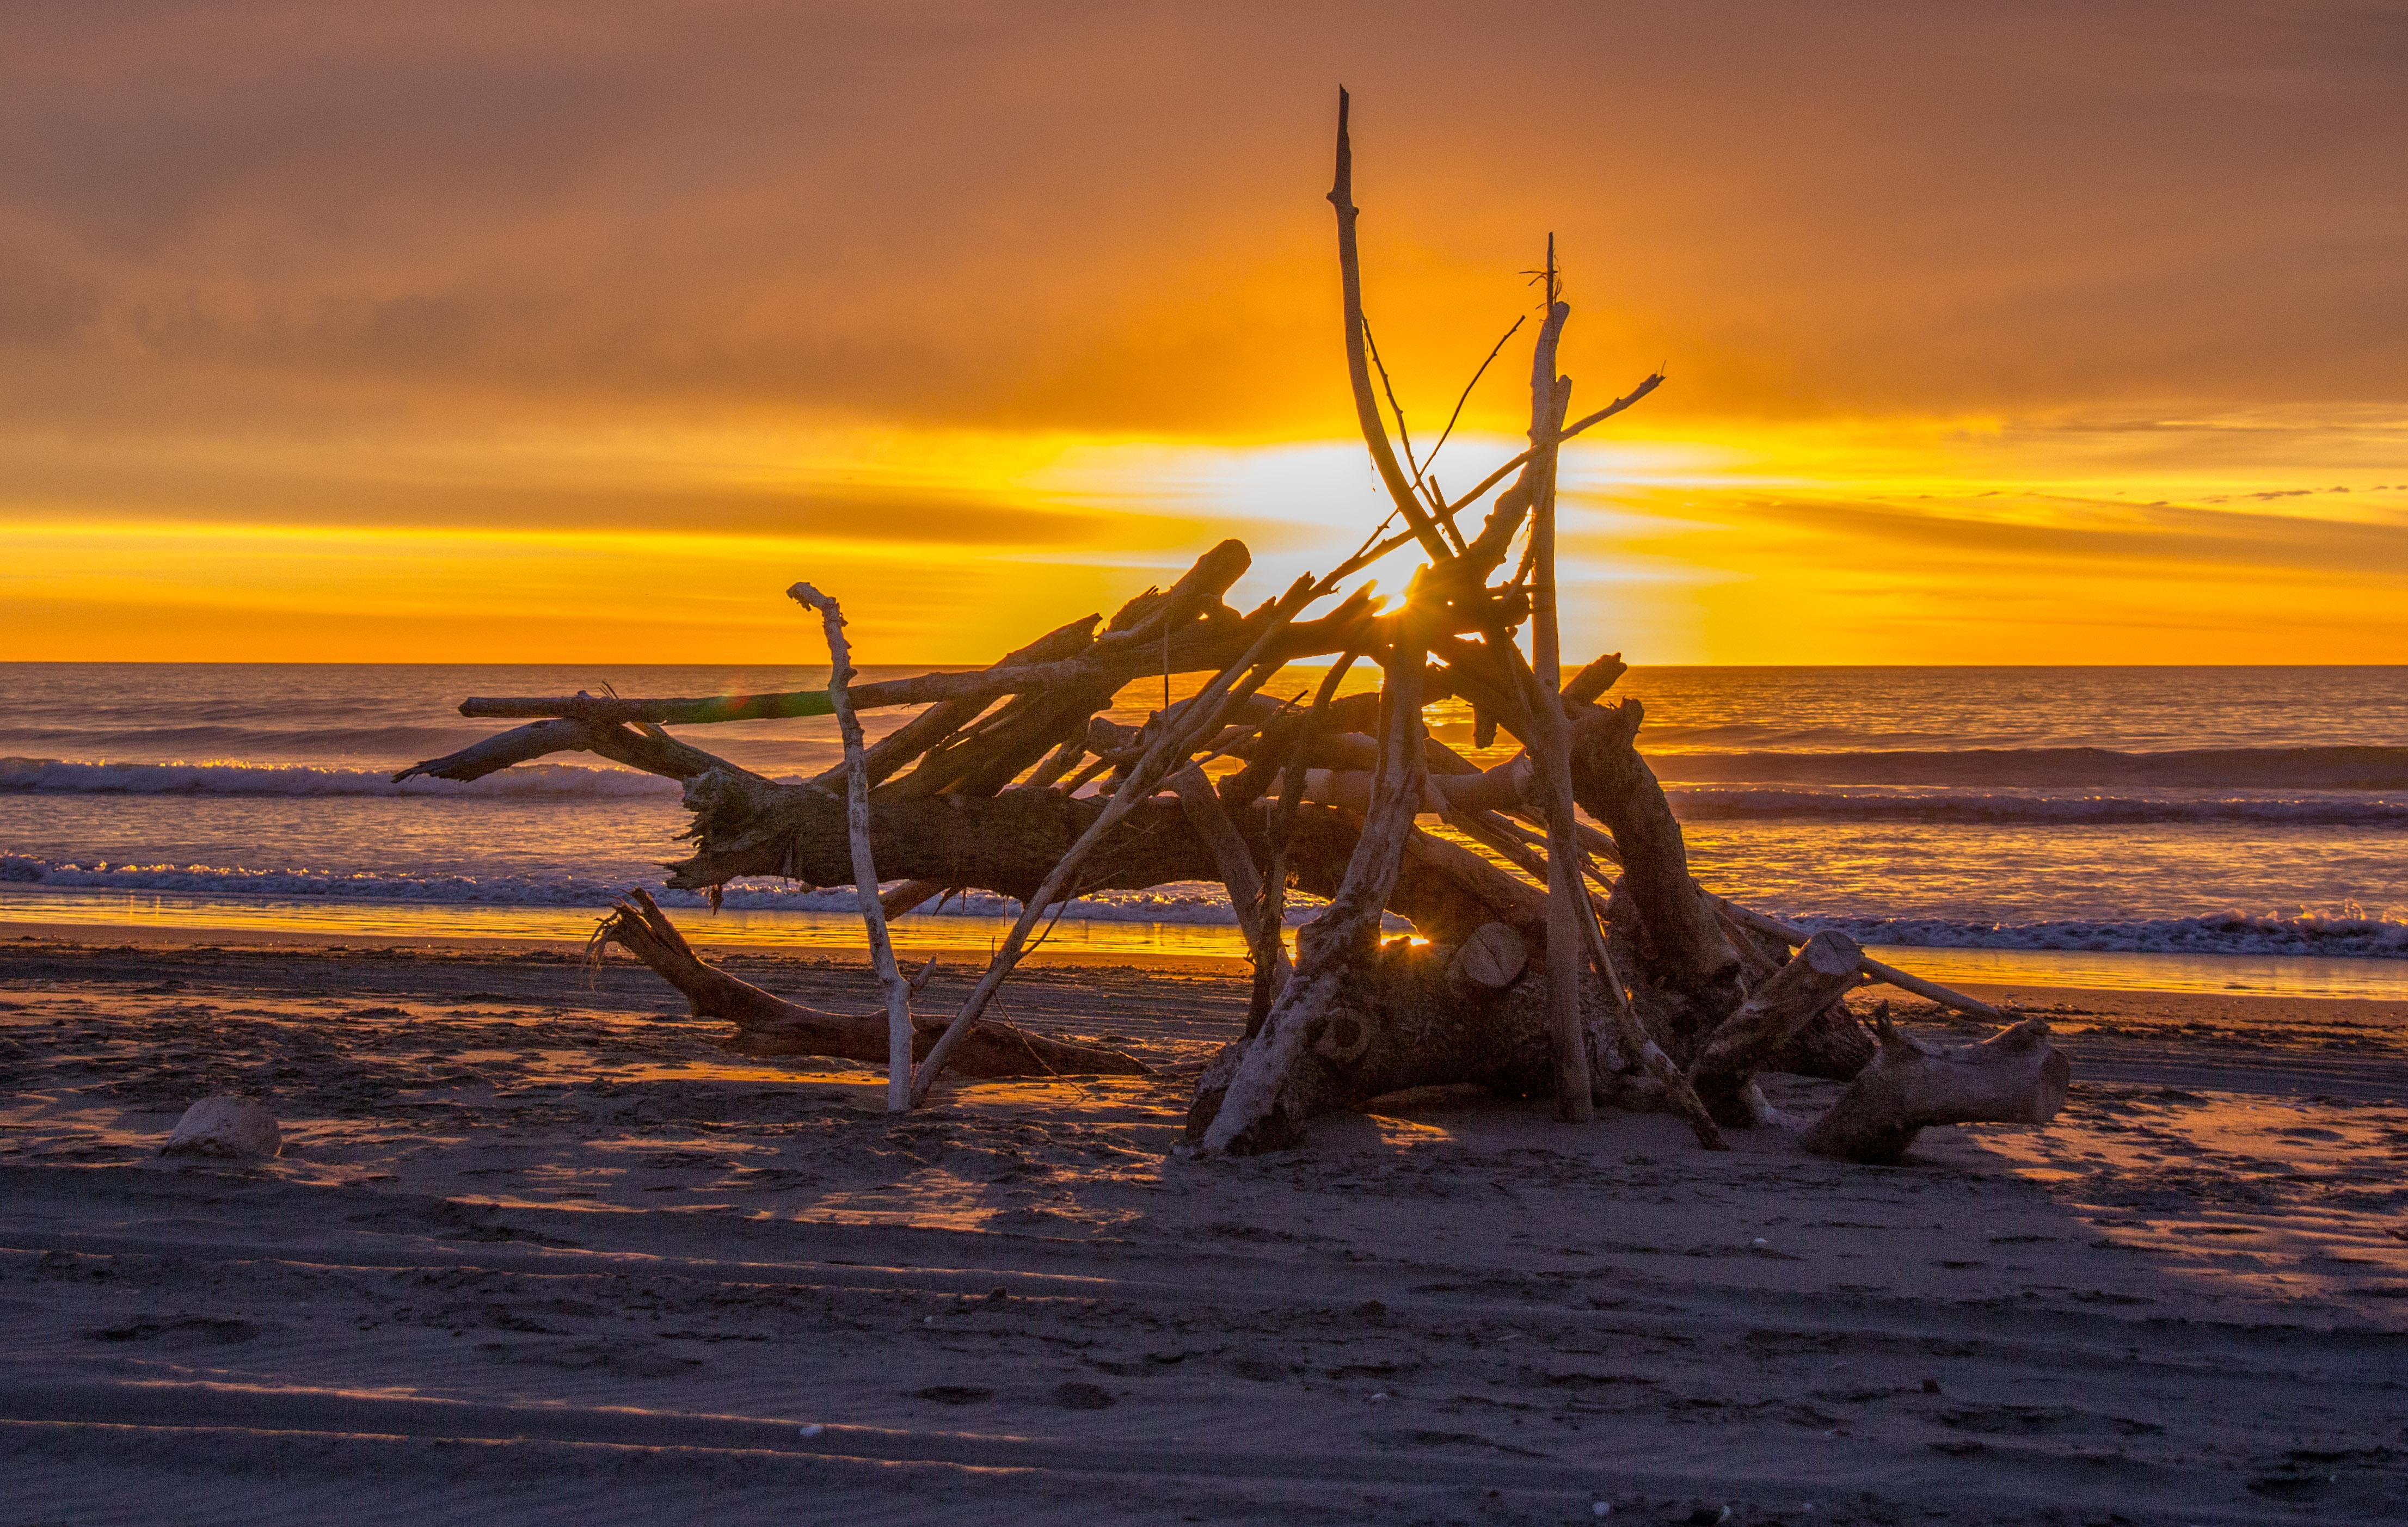 Beach driftwood stack